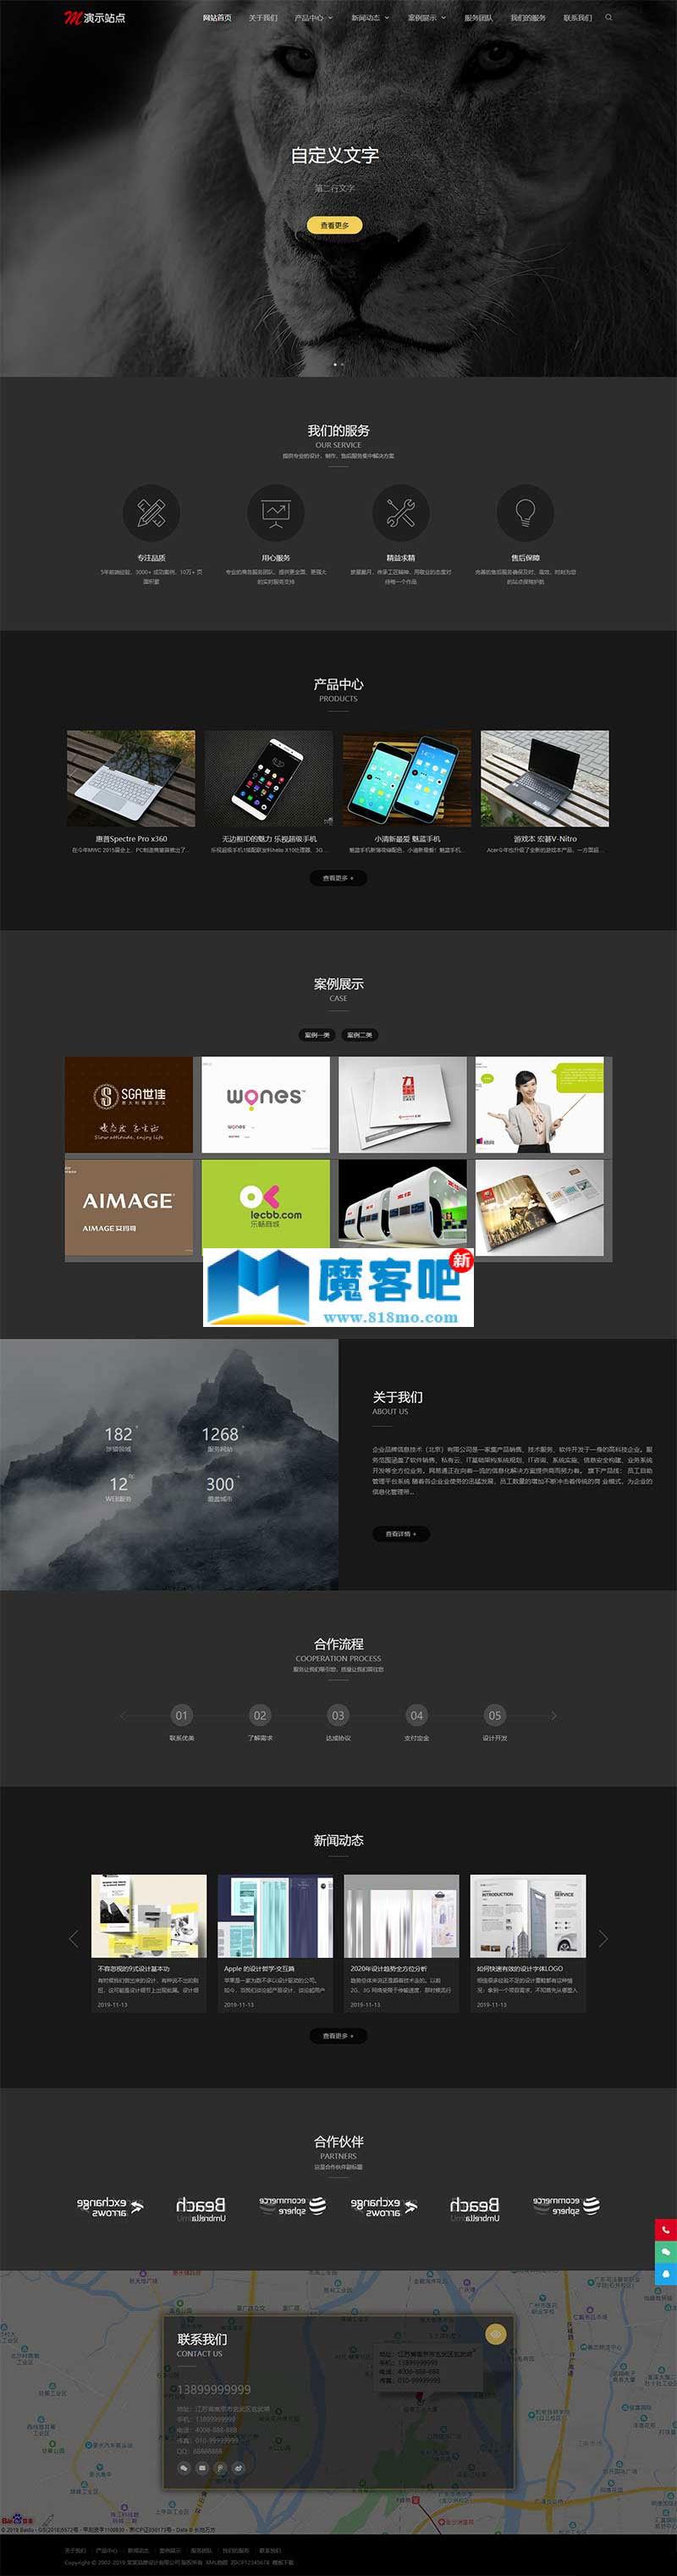 """织梦dedecms黑色高端响应式品牌设计建站企业网站模板(自适应手机移动端)"""""""